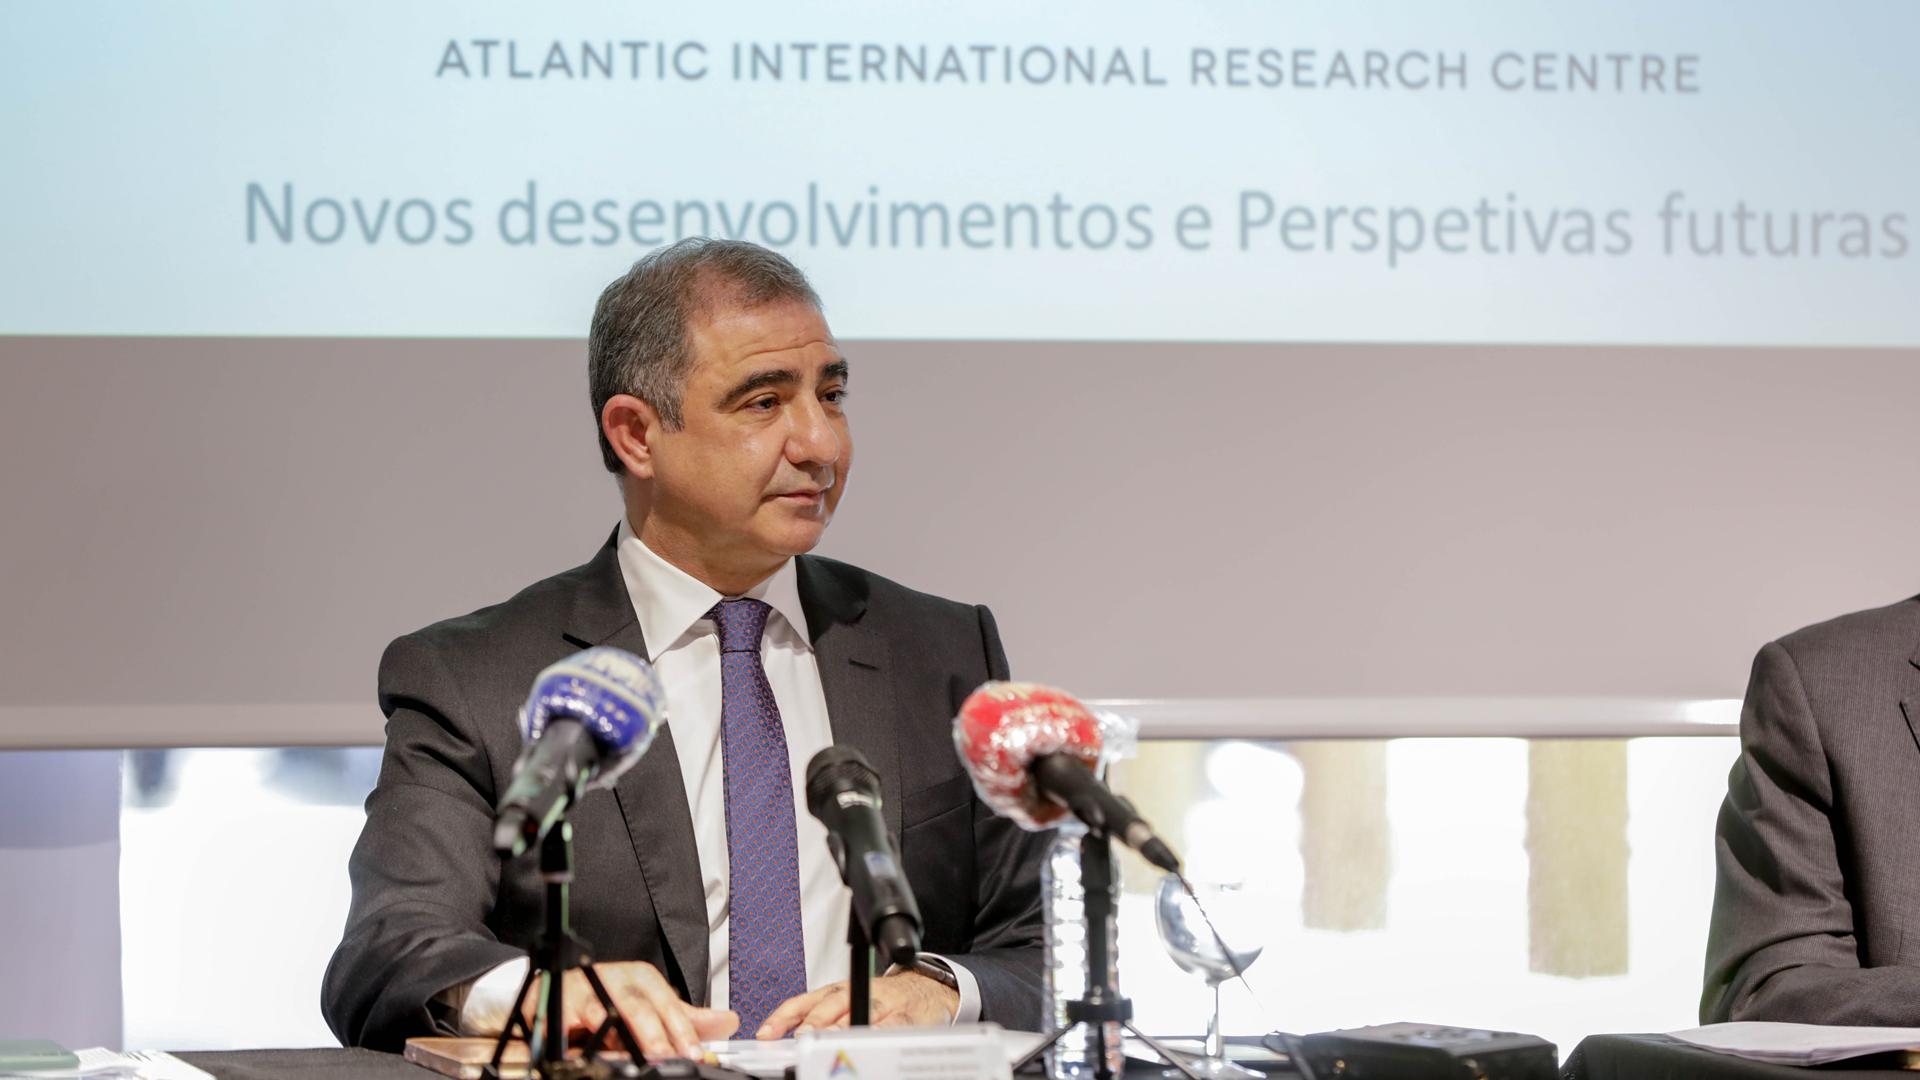 Conferência de imprensa a propósito dos projetos do Centro Internacional de Investigação para o Atlântico (AIR Centre)